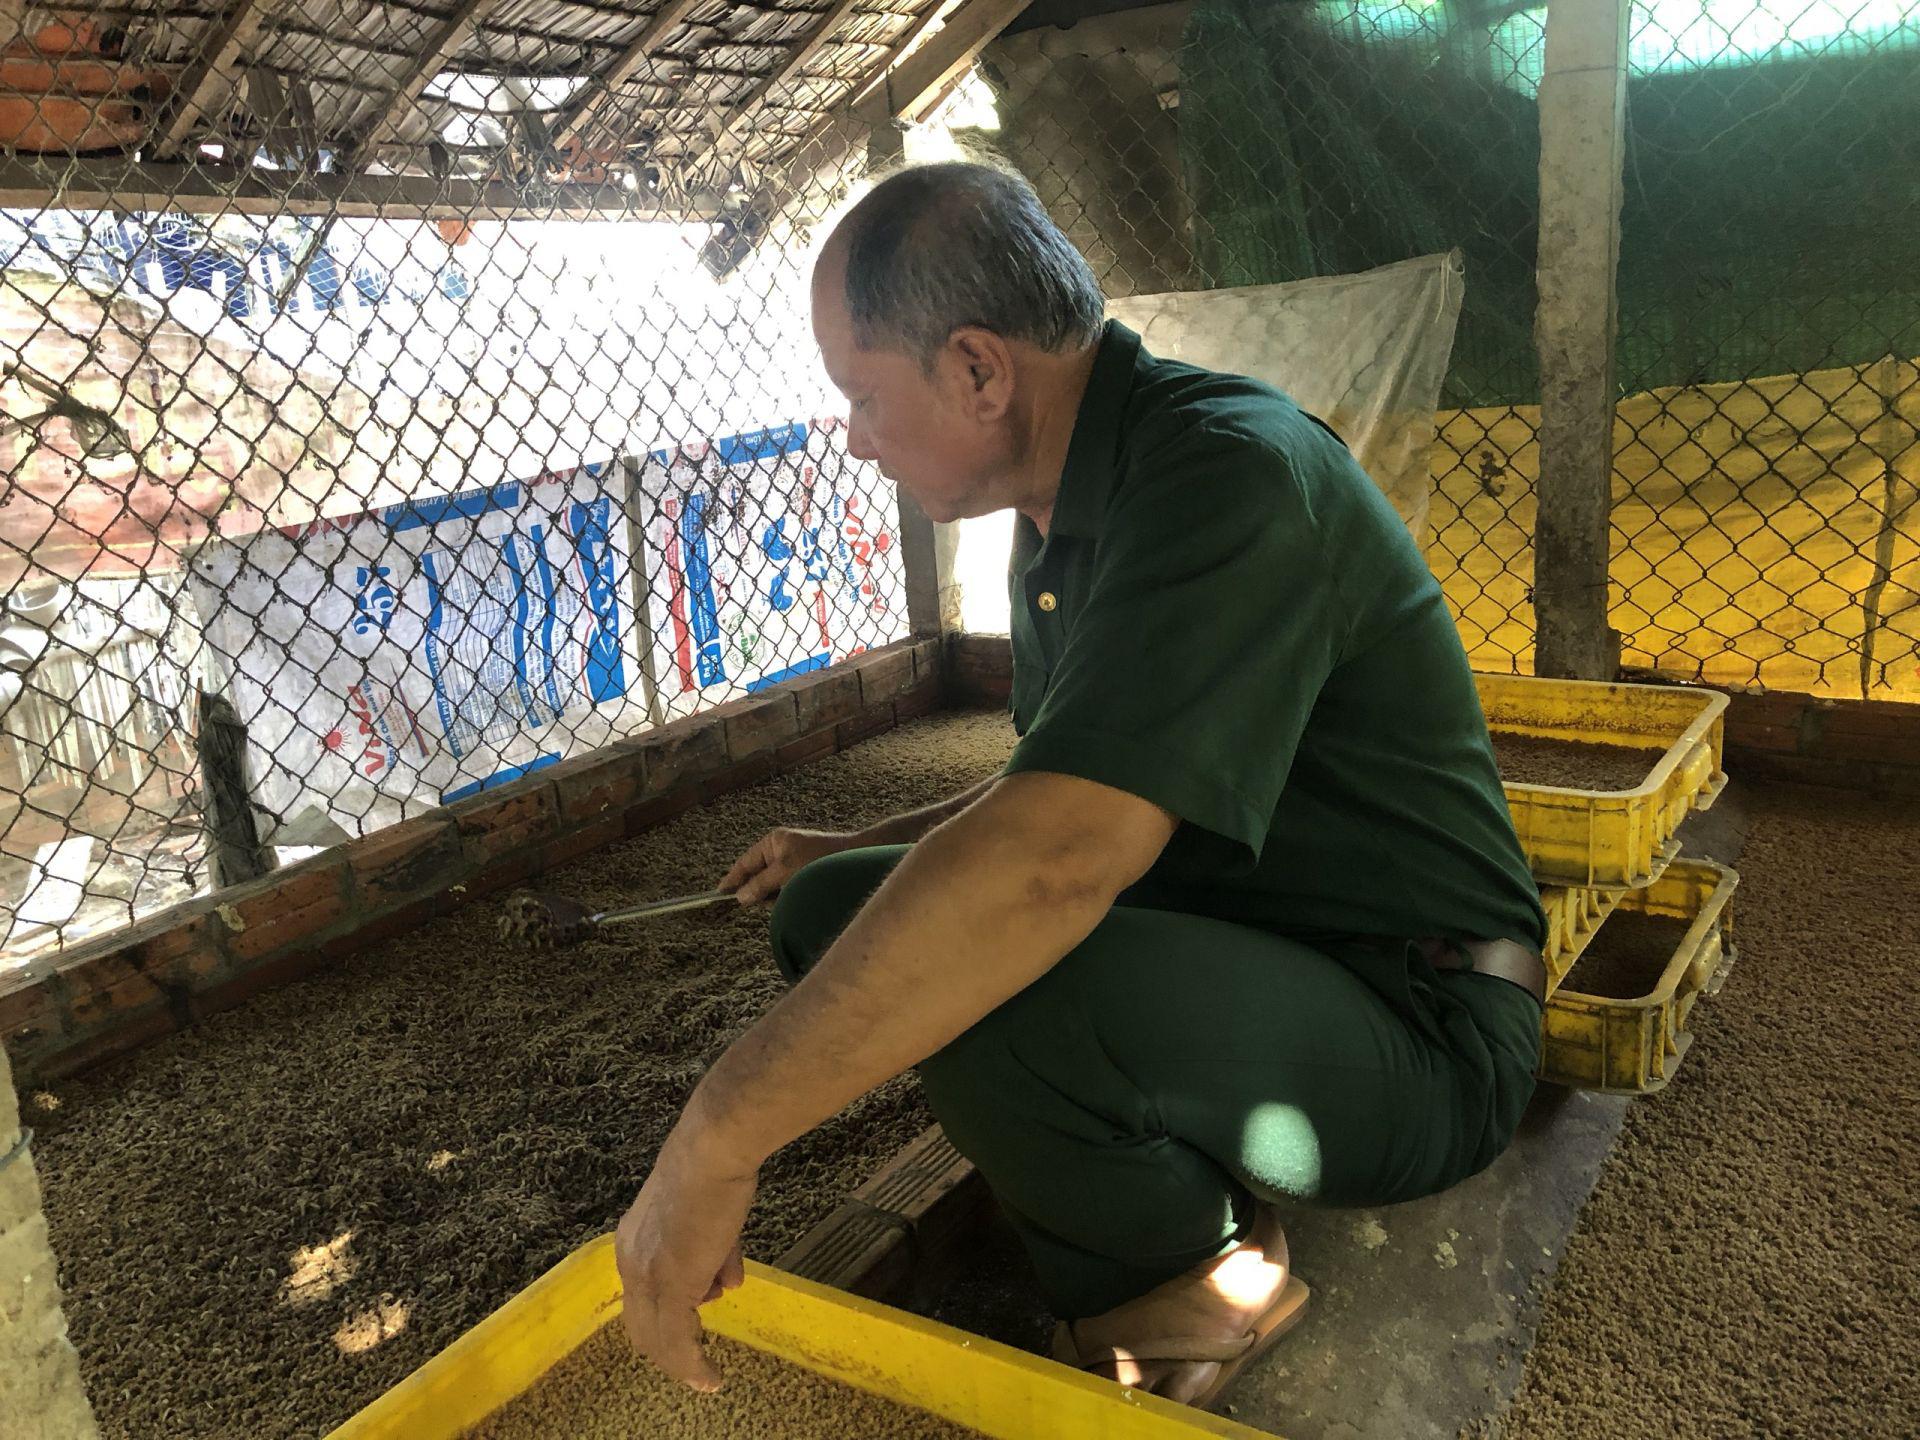 Tây Ninh: Nuôi loài ruồi này rồi lấy trứng đem bán giá 3 triệu đồng/100 gram trứng ruồi - Ảnh 2.